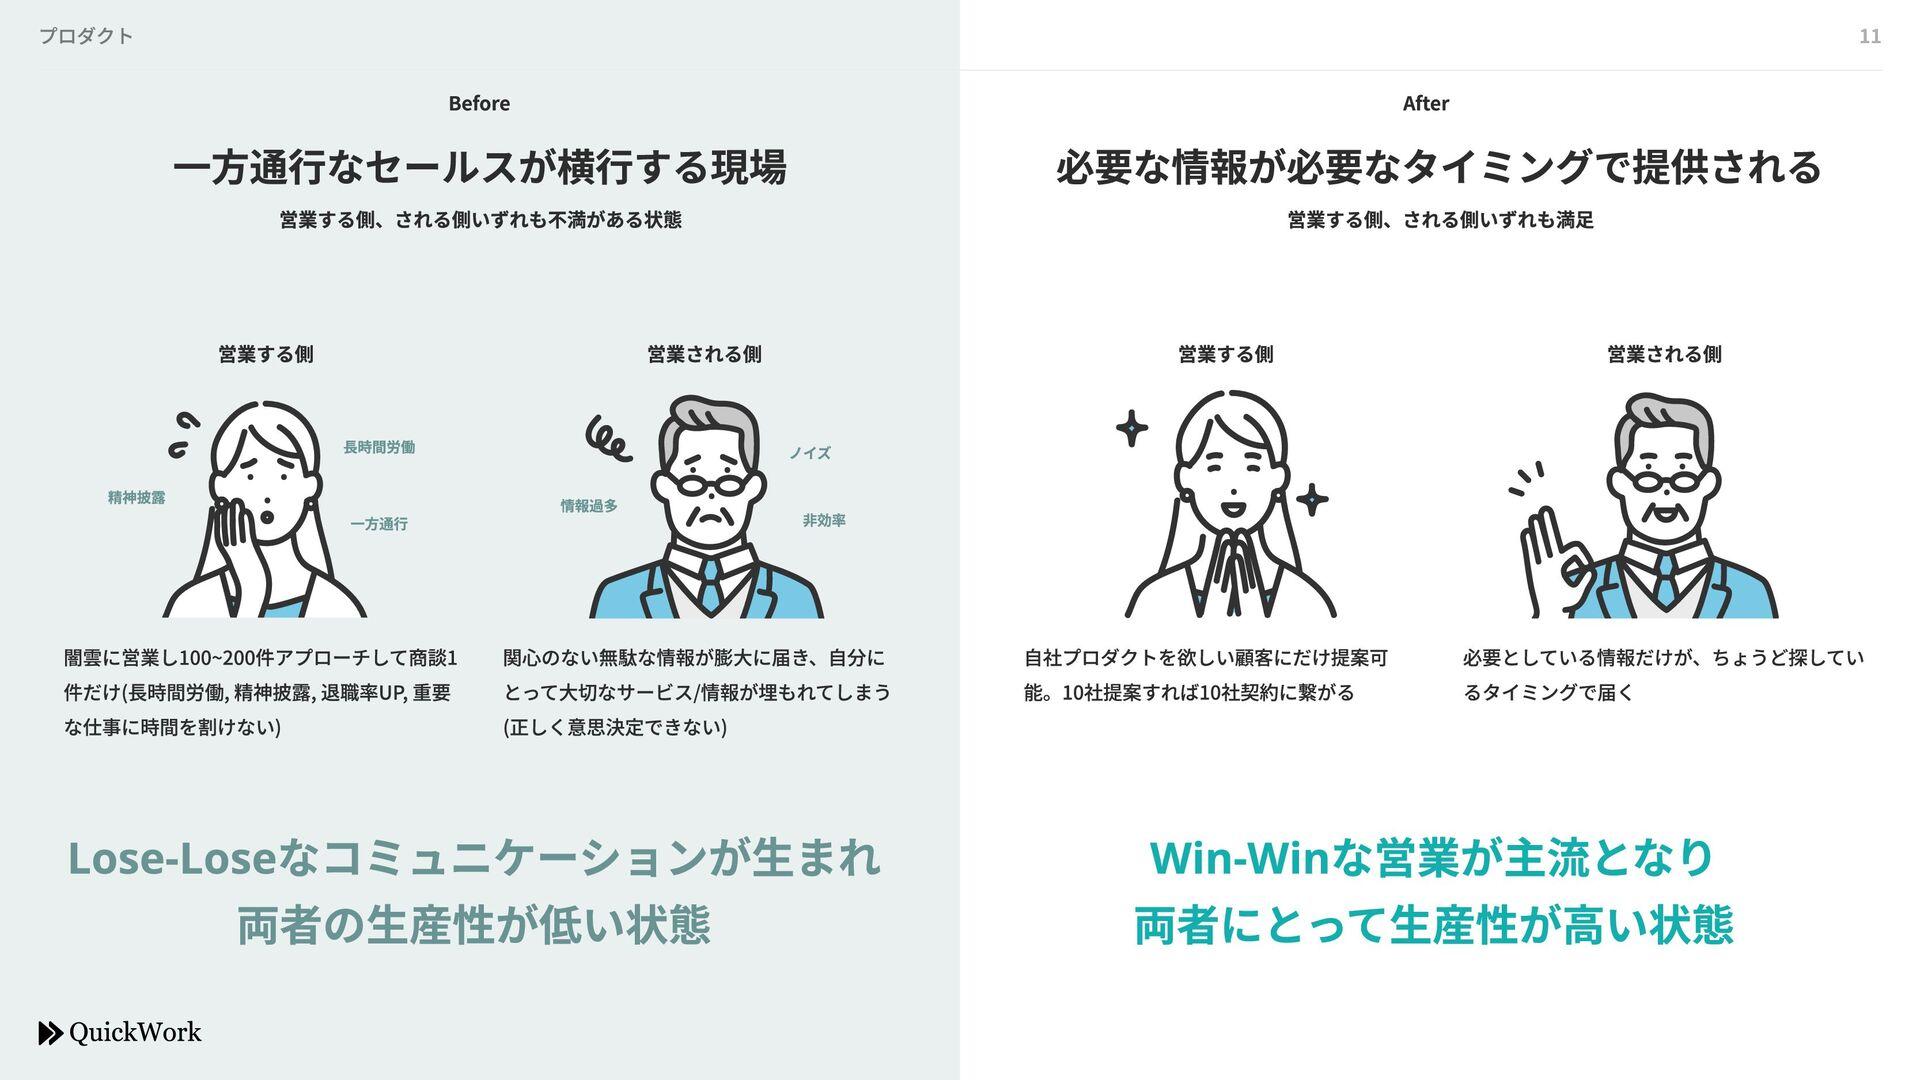 ⽇本のSaaS市場規模-GrowthMarket&Highprofit- Qui...